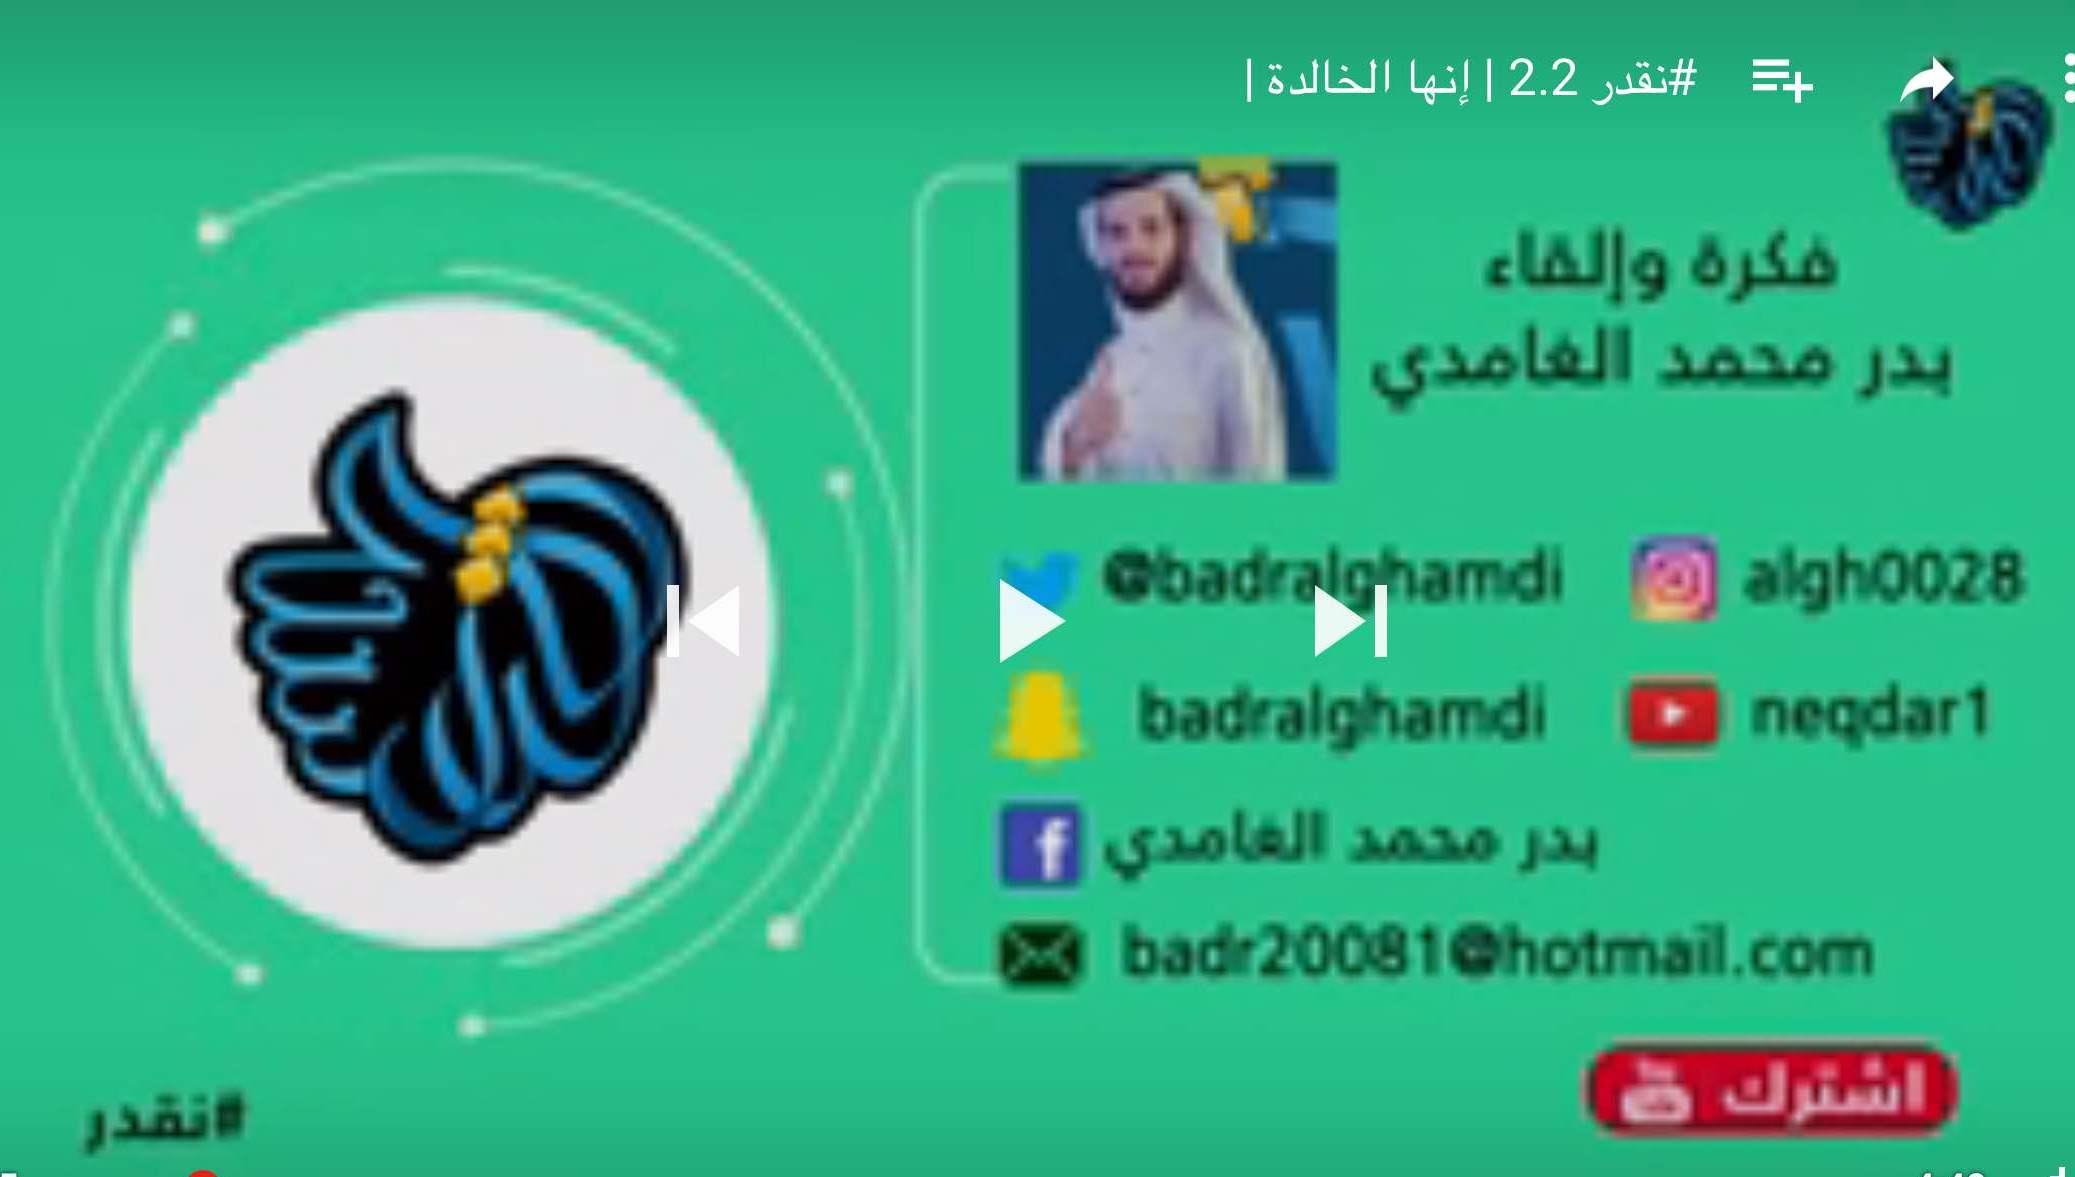 تناقص استخدام المحتوى باللغة العربية في الأنترنت (2)